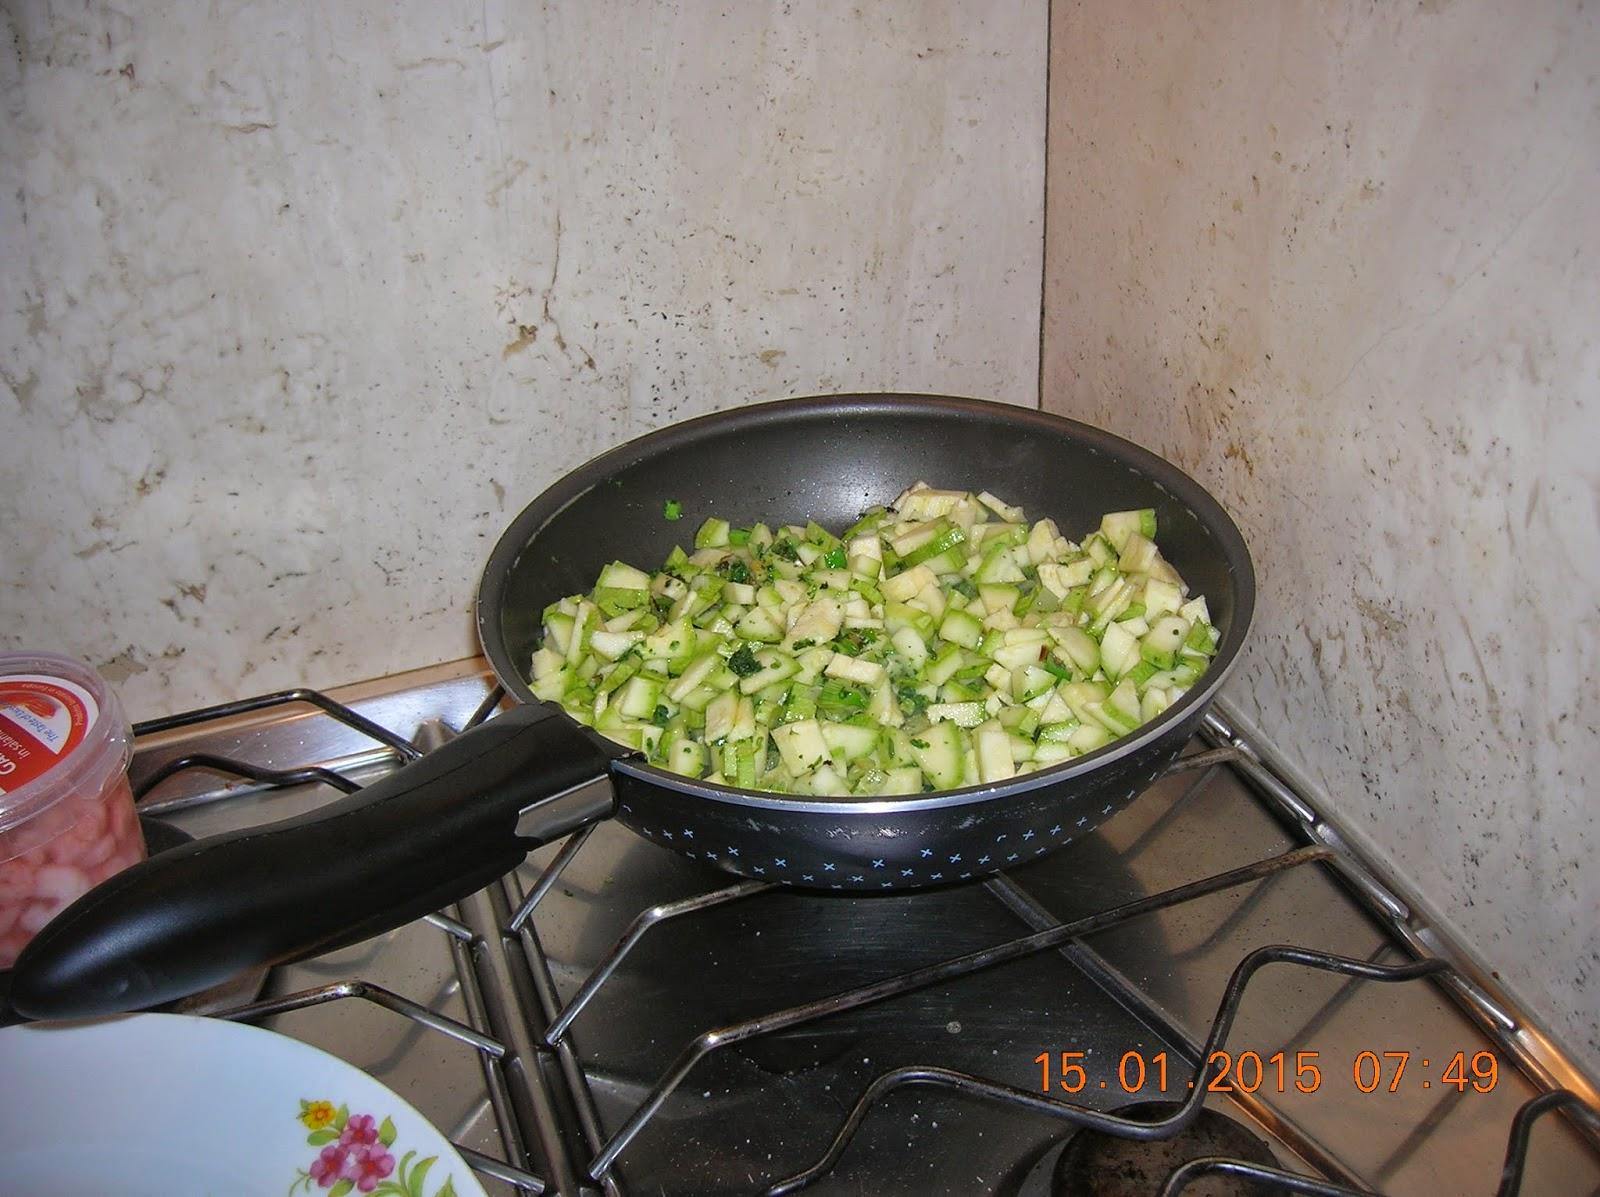 flan di zucchine- cornetti salati  in pasta brisee' farciti  con prosciutto cotto e formaggio